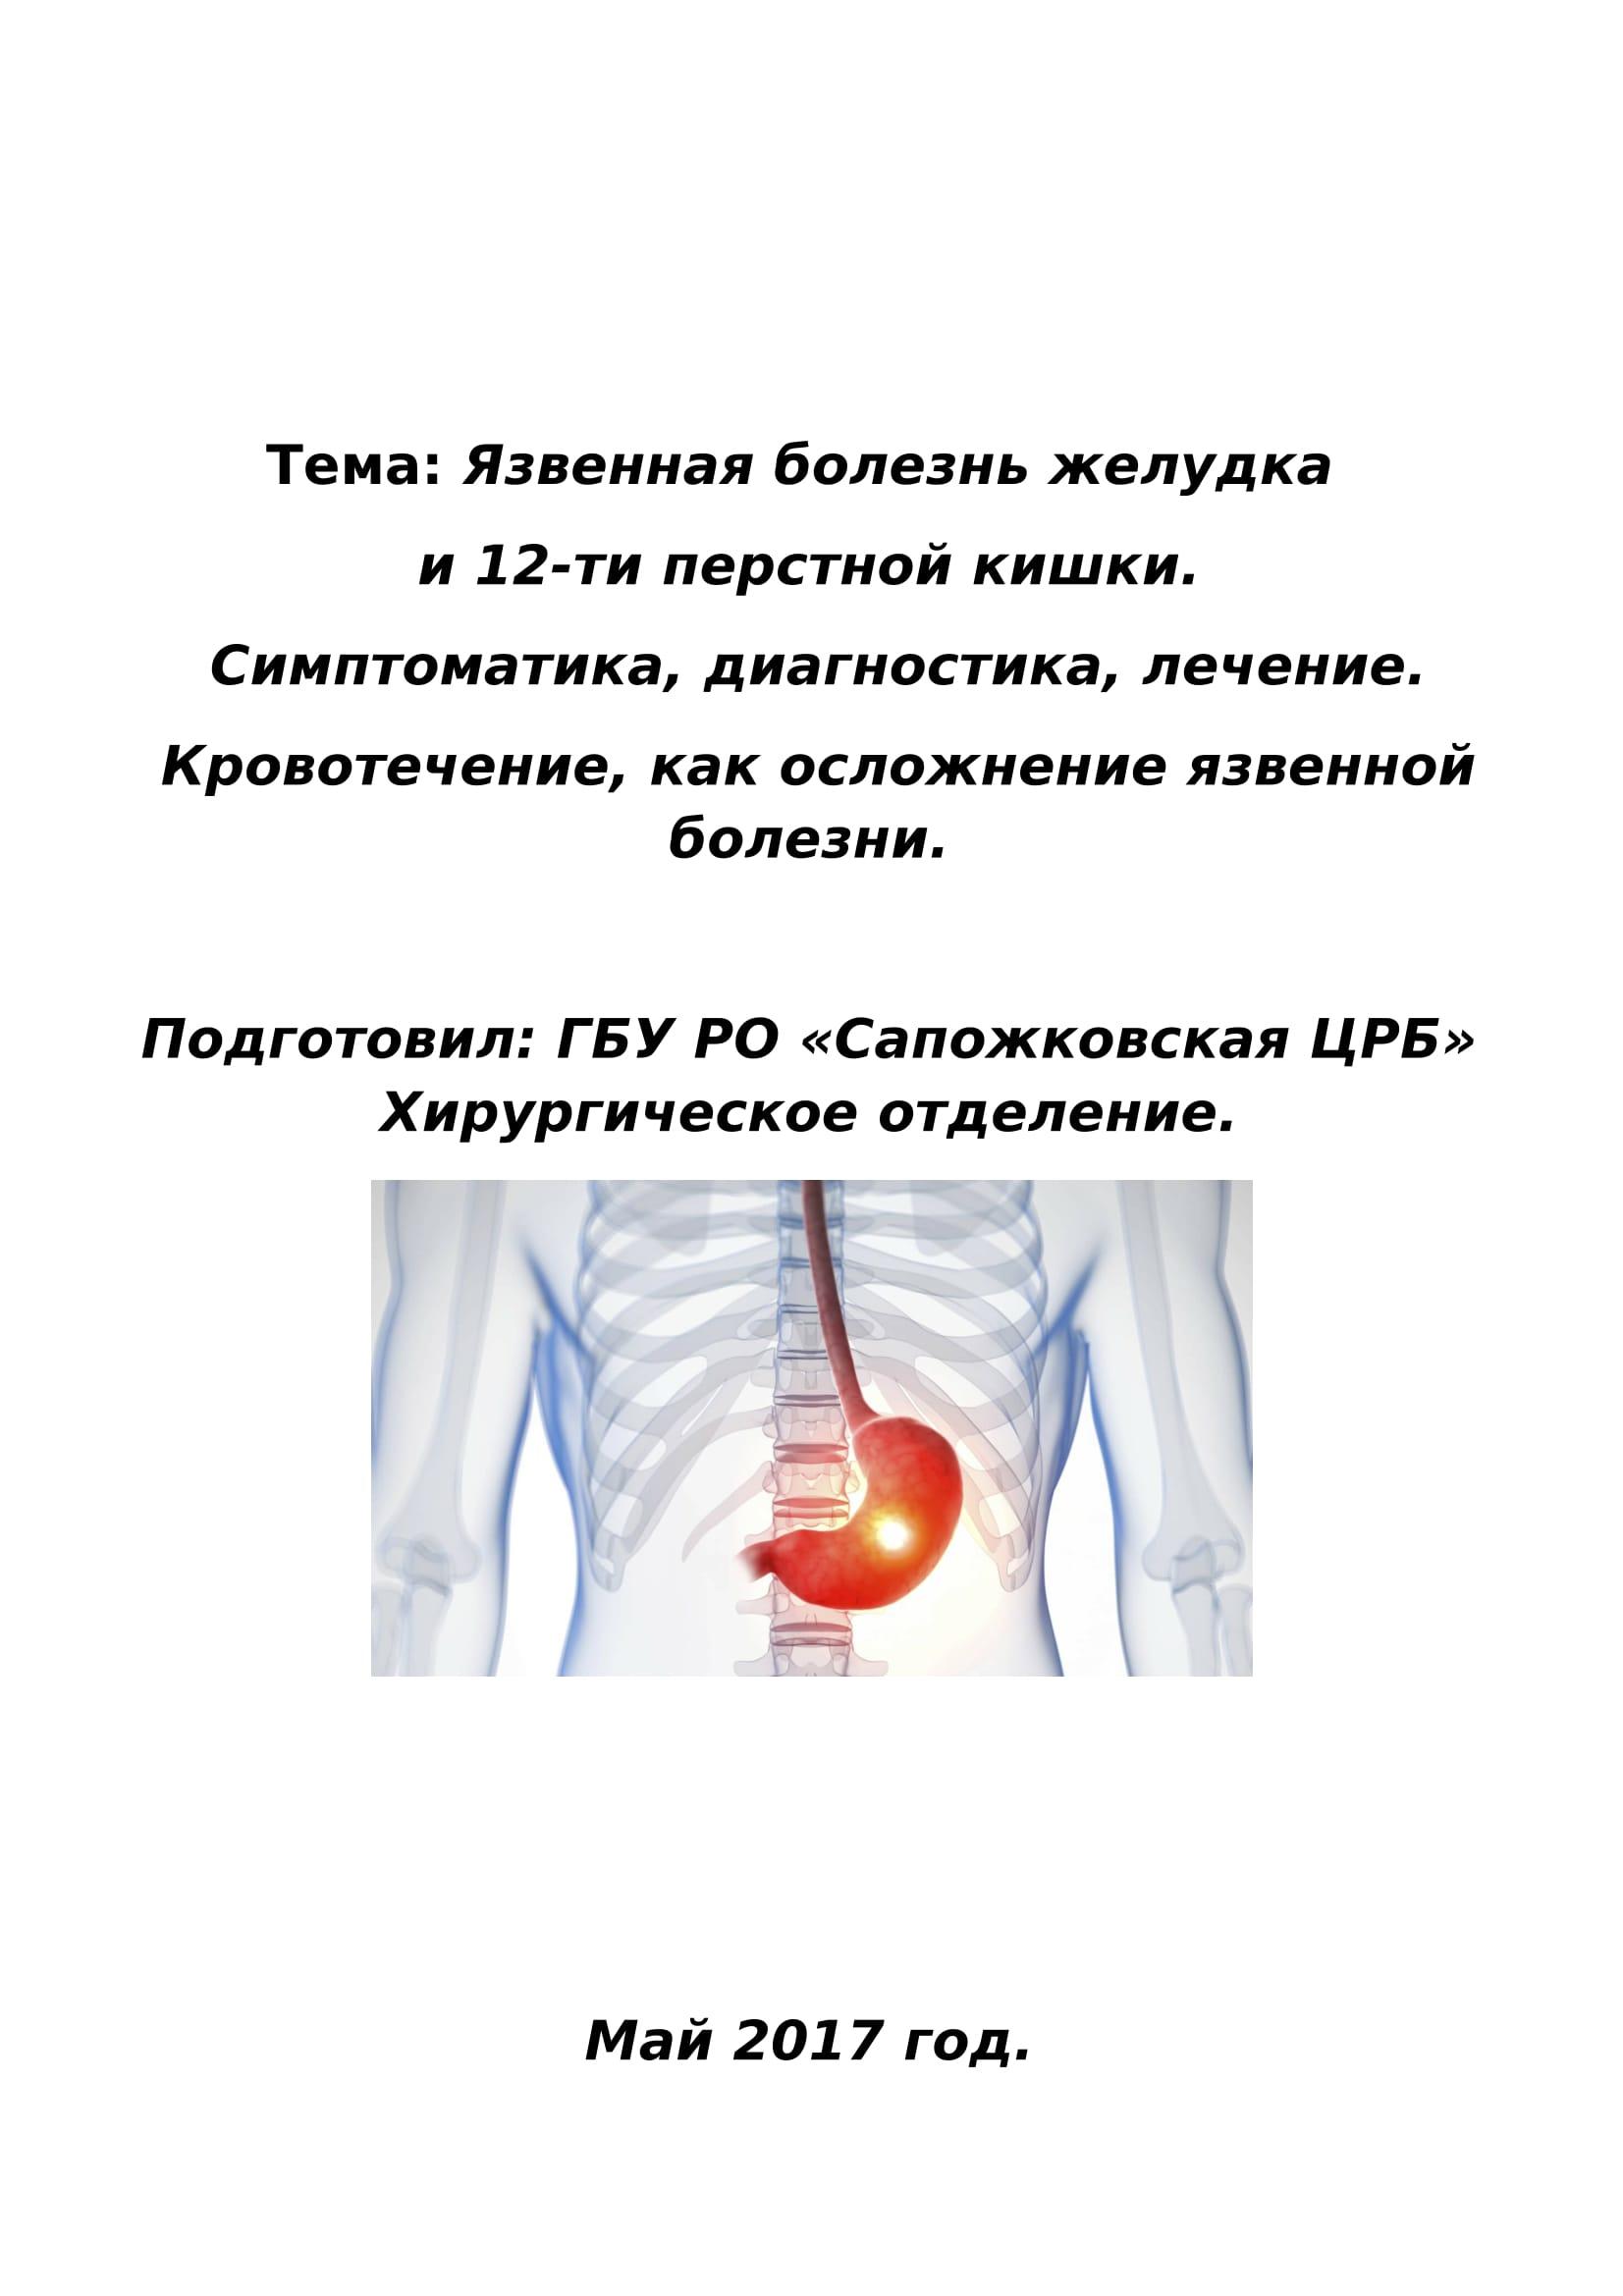 Лечение при язве 12 перстной кишки схема